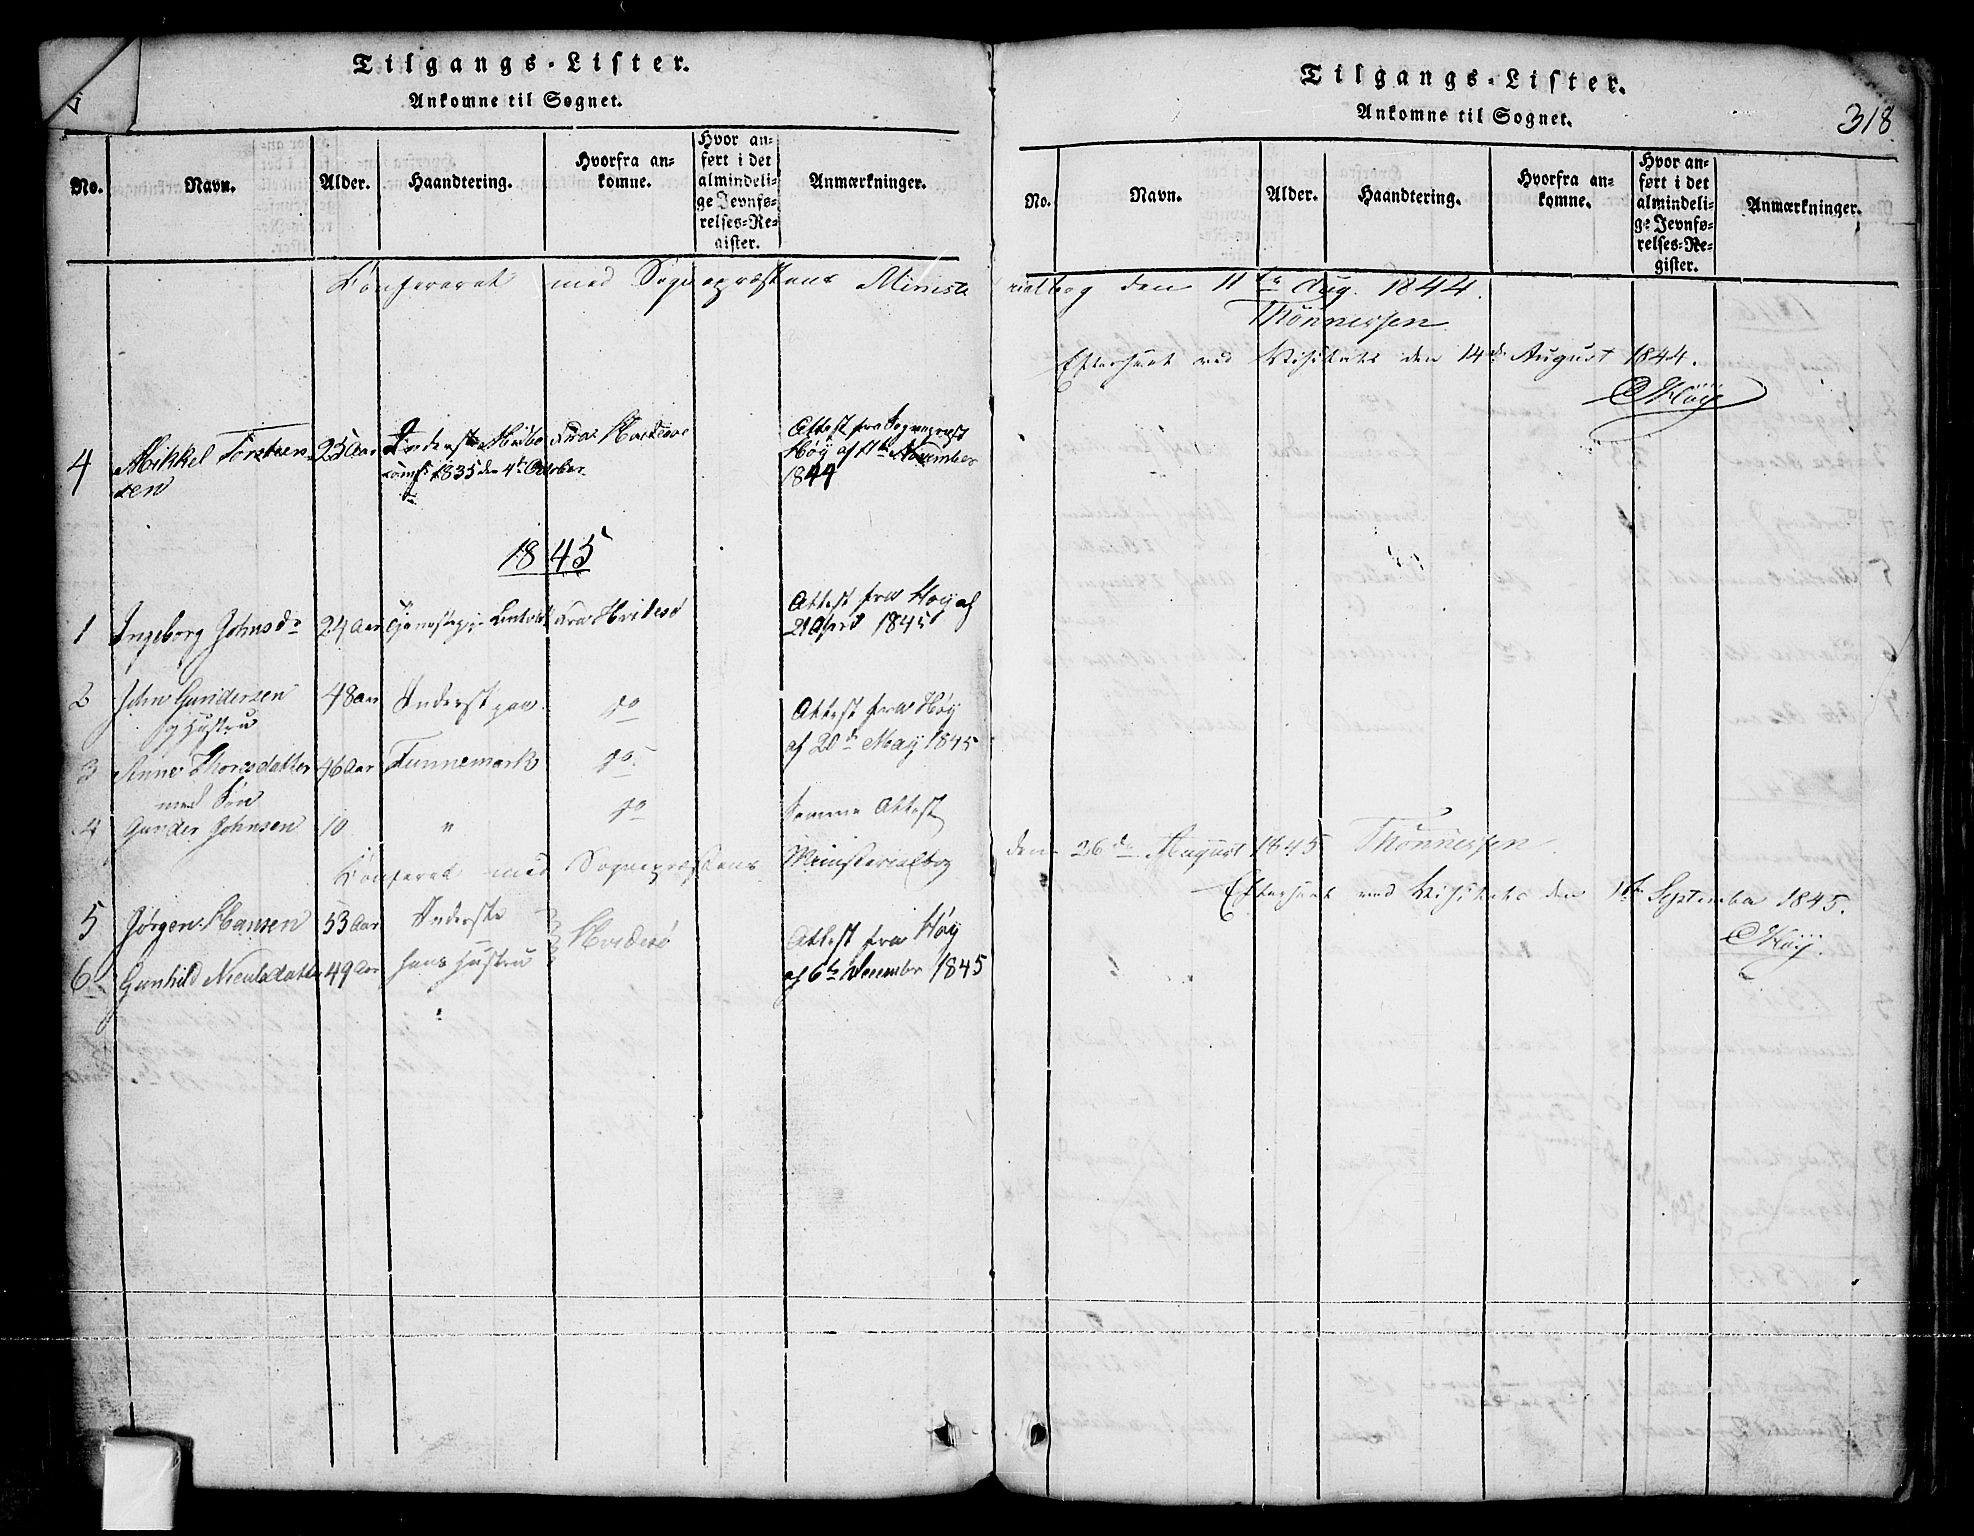 SAKO, Nissedal kirkebøker, G/Ga/L0001: Klokkerbok nr. I 1, 1814-1860, s. 318